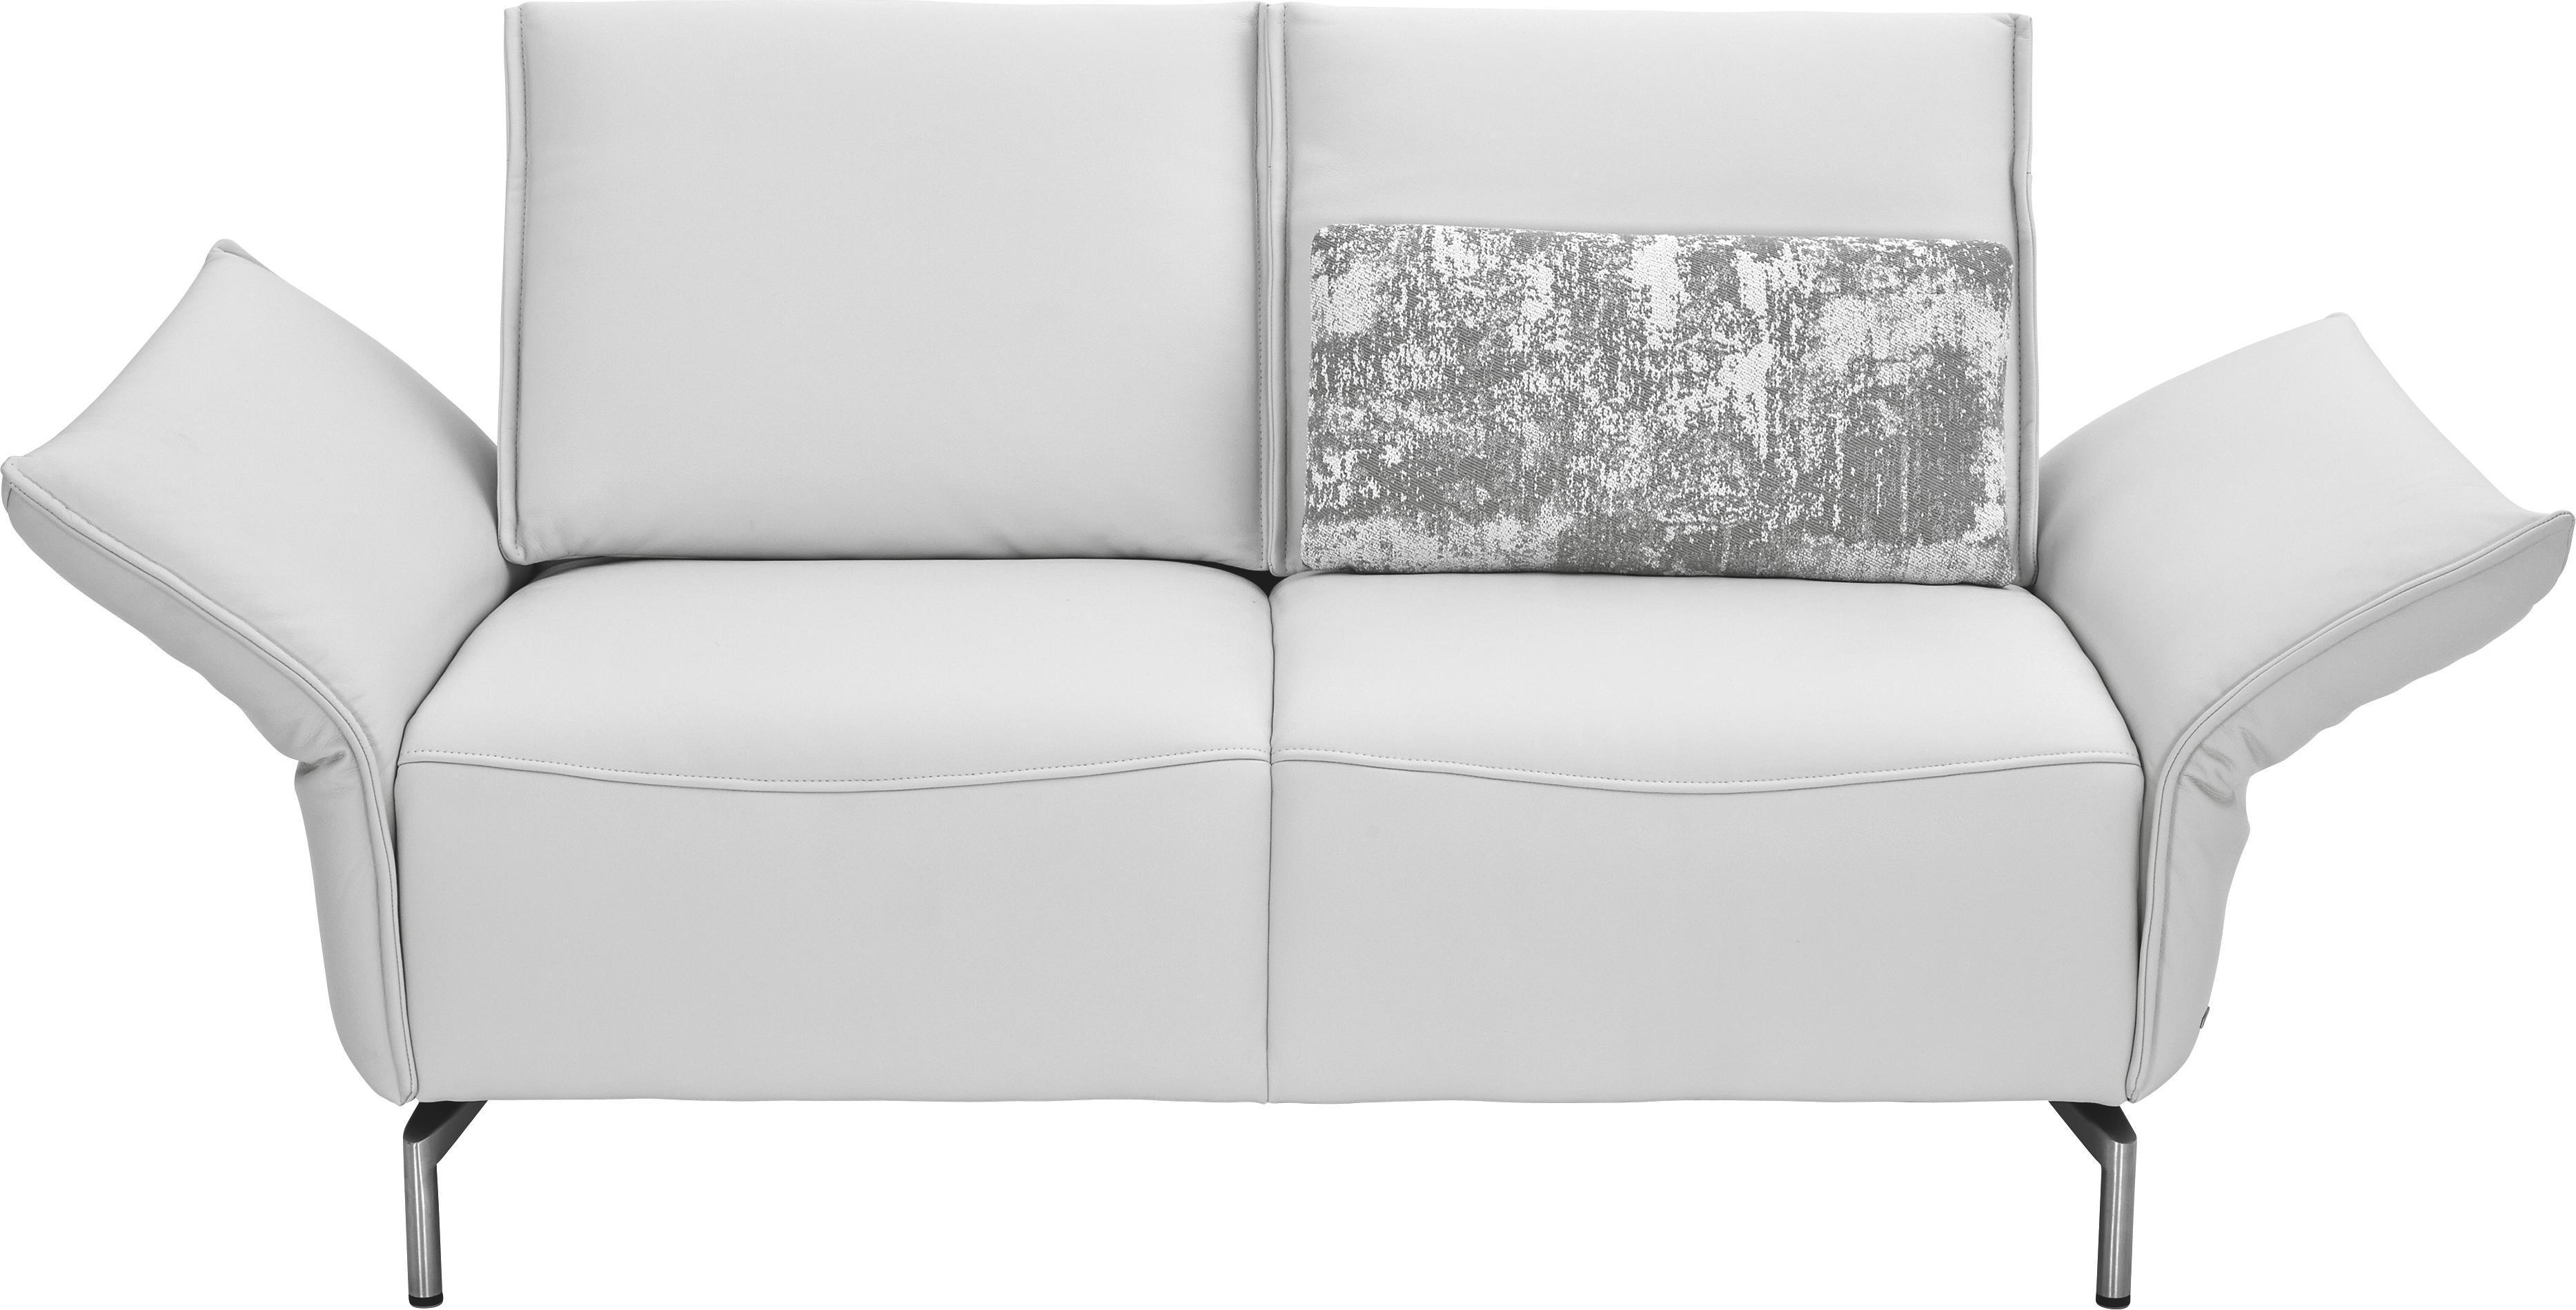 Genial Zweiersofa Beste Wahl Echtleder Wei Design Ledermetall With Zweisitzer Sofa